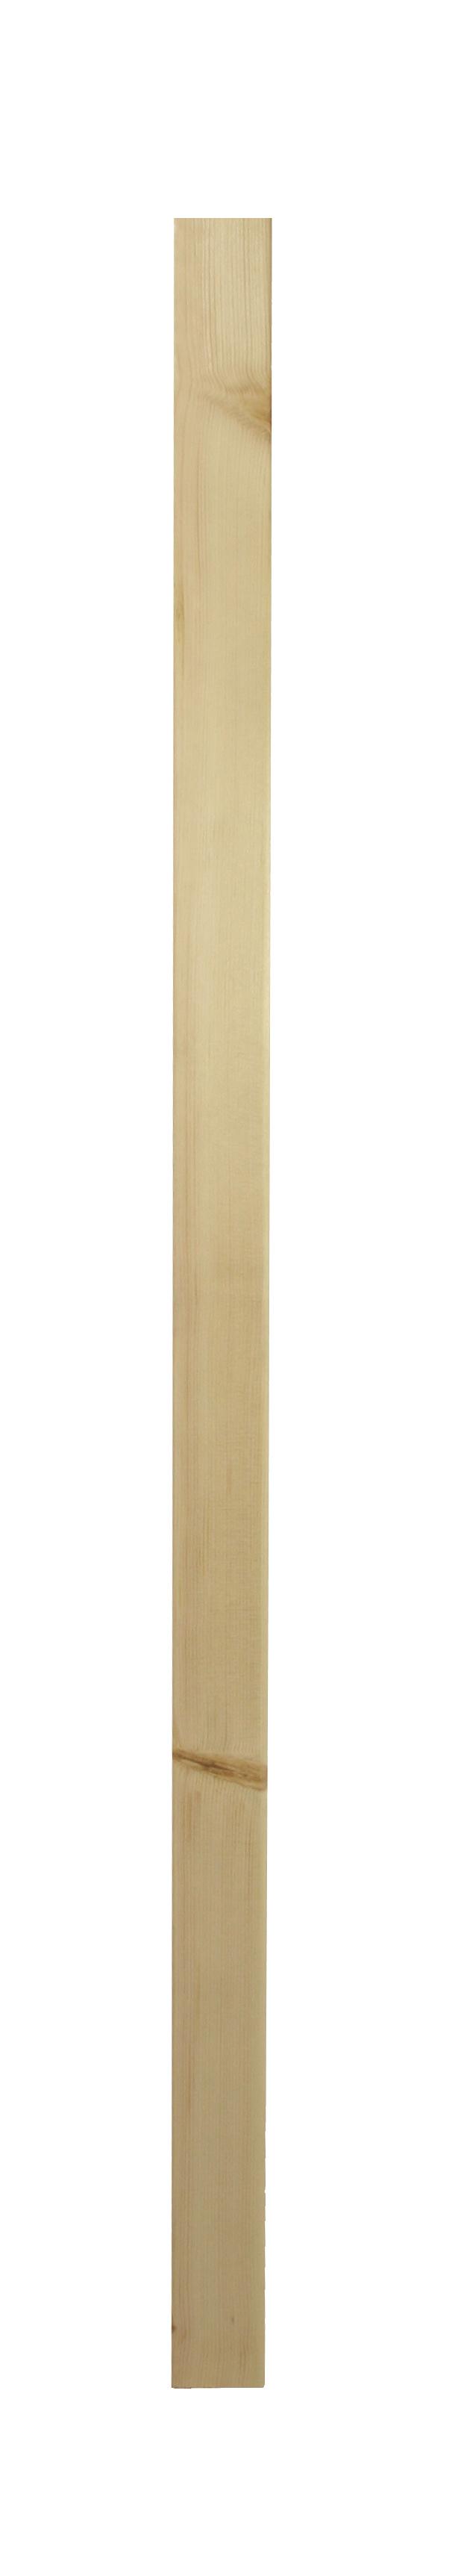 1 Pine Plain Baluster 900 41